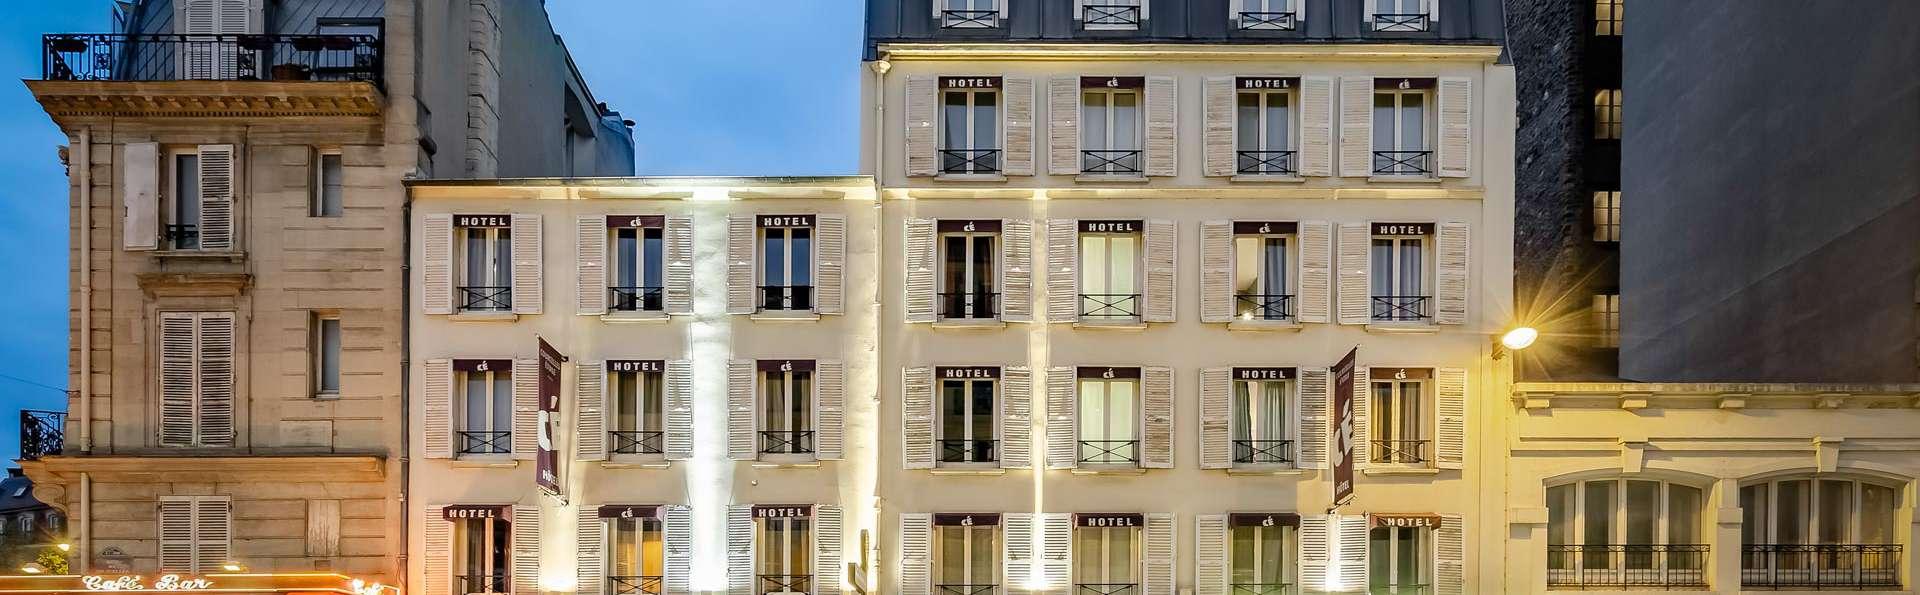 Hôtel Courcelles-Etoile - EDIT_FRONT_01.jpg